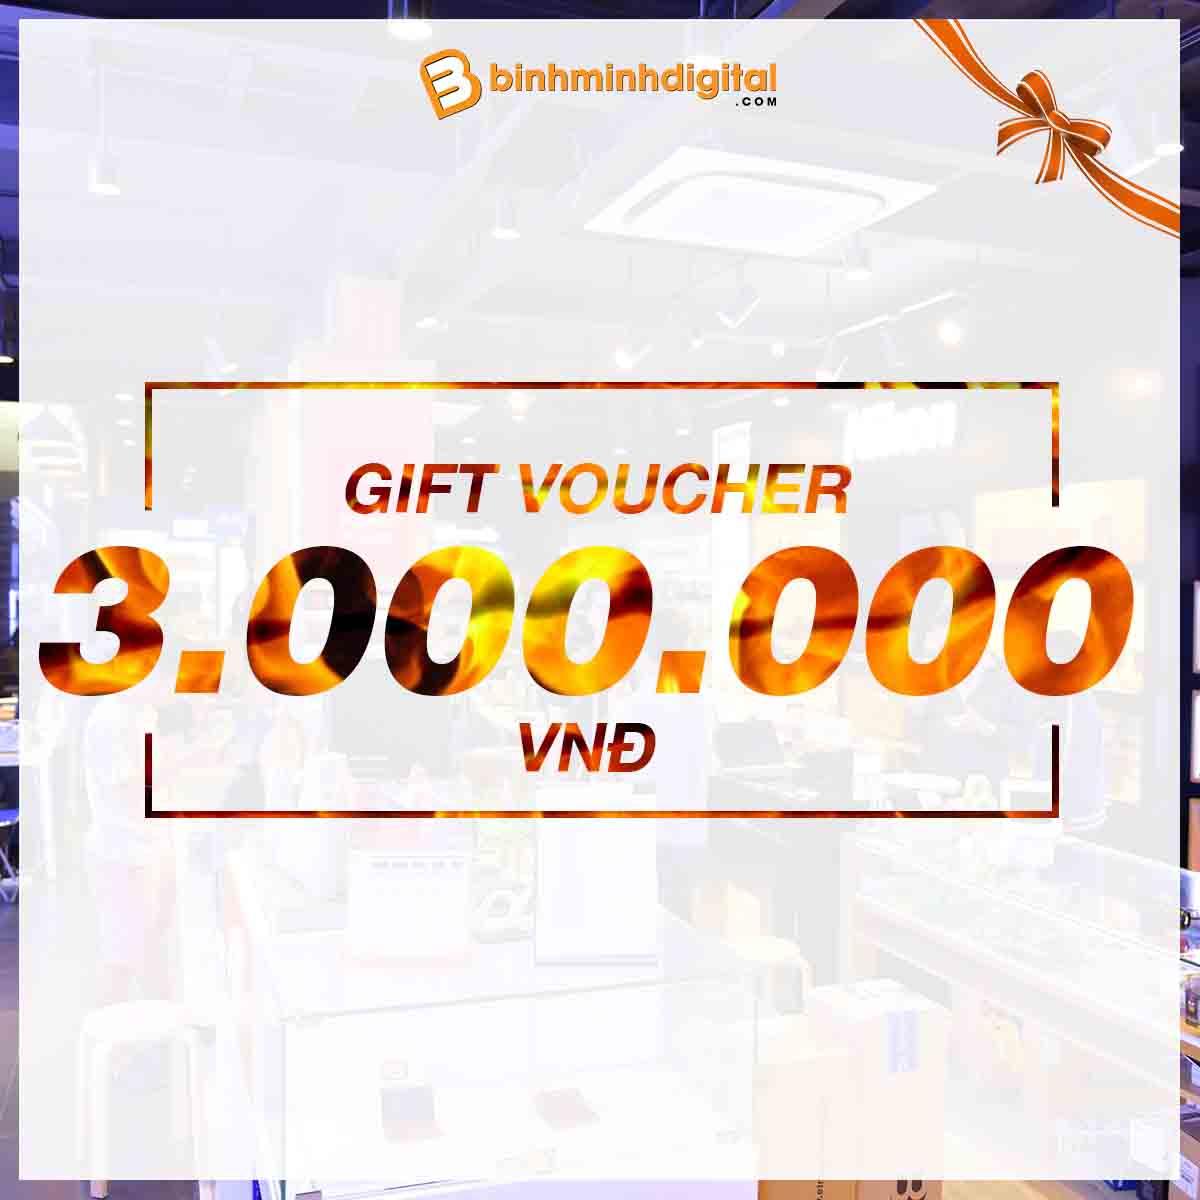 voucher-3000000